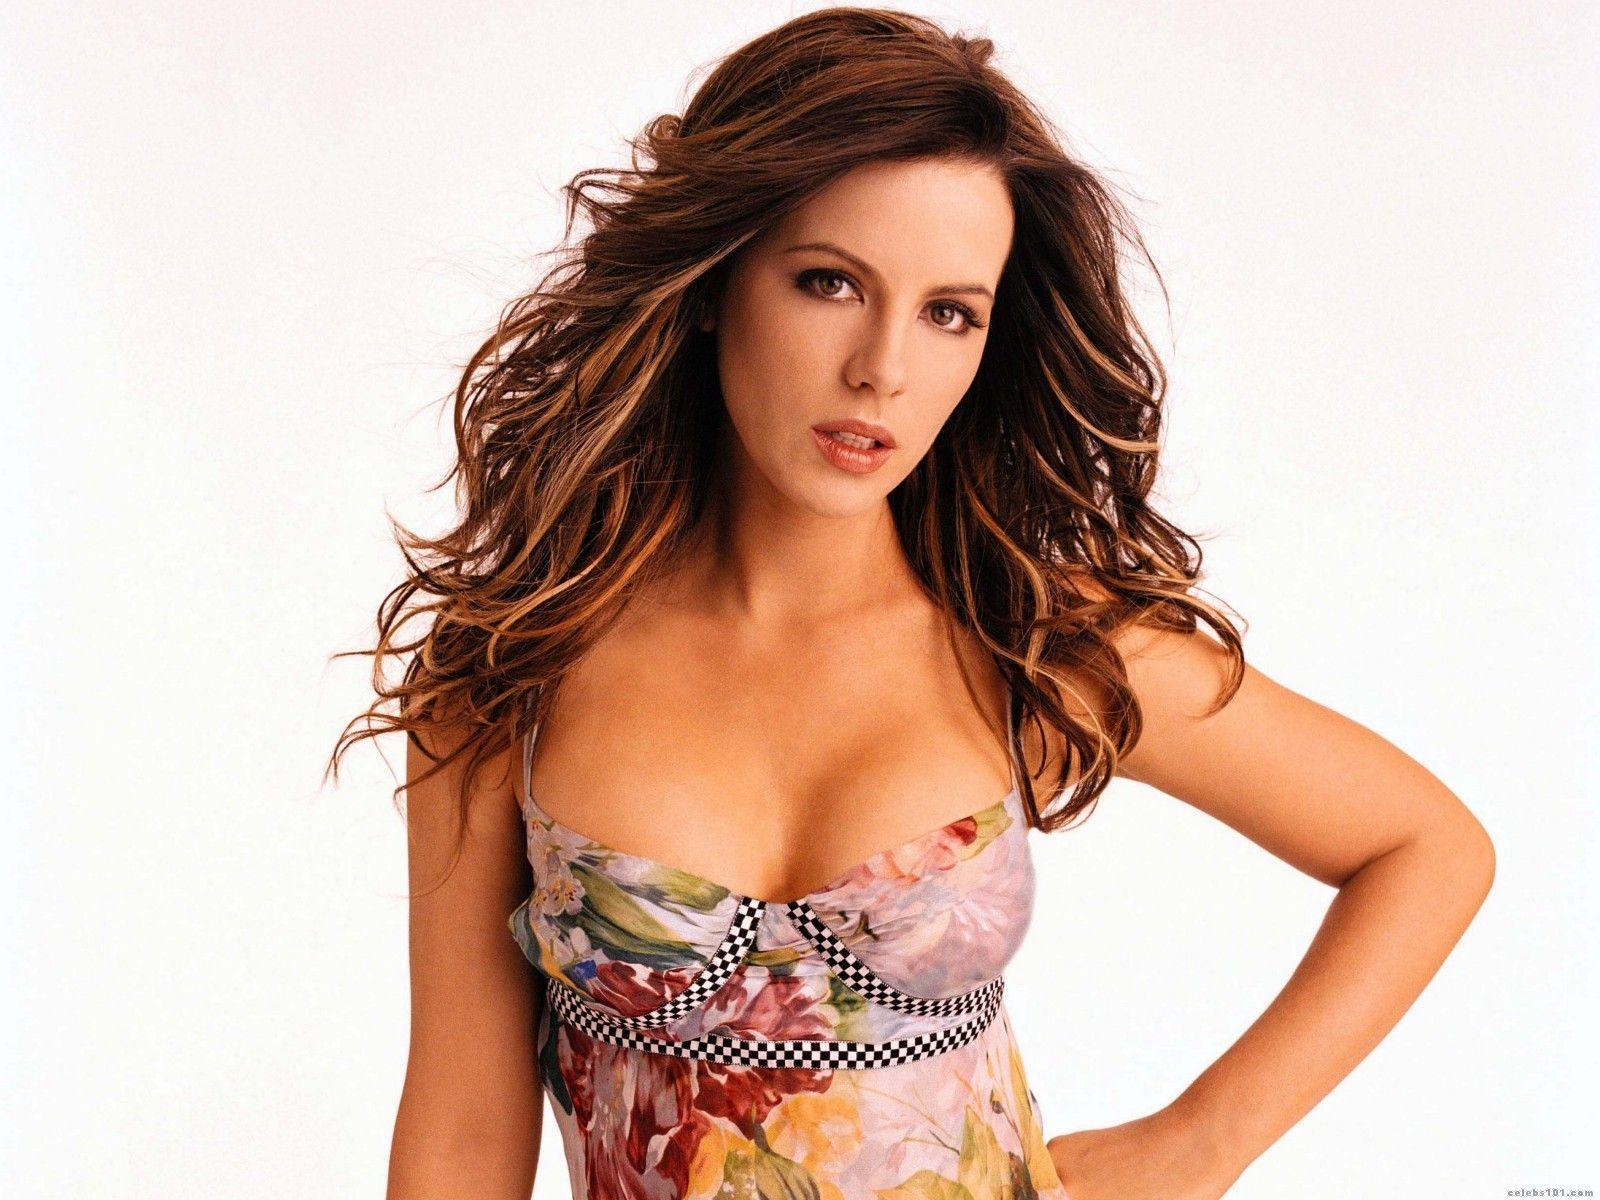 http://3.bp.blogspot.com/_fhmrJHu15eg/TKcup3w288I/AAAAAAAAAWs/otwWyjiSEVE/s1600/Sexy_Actress_Kate_Beckinsale.jpg